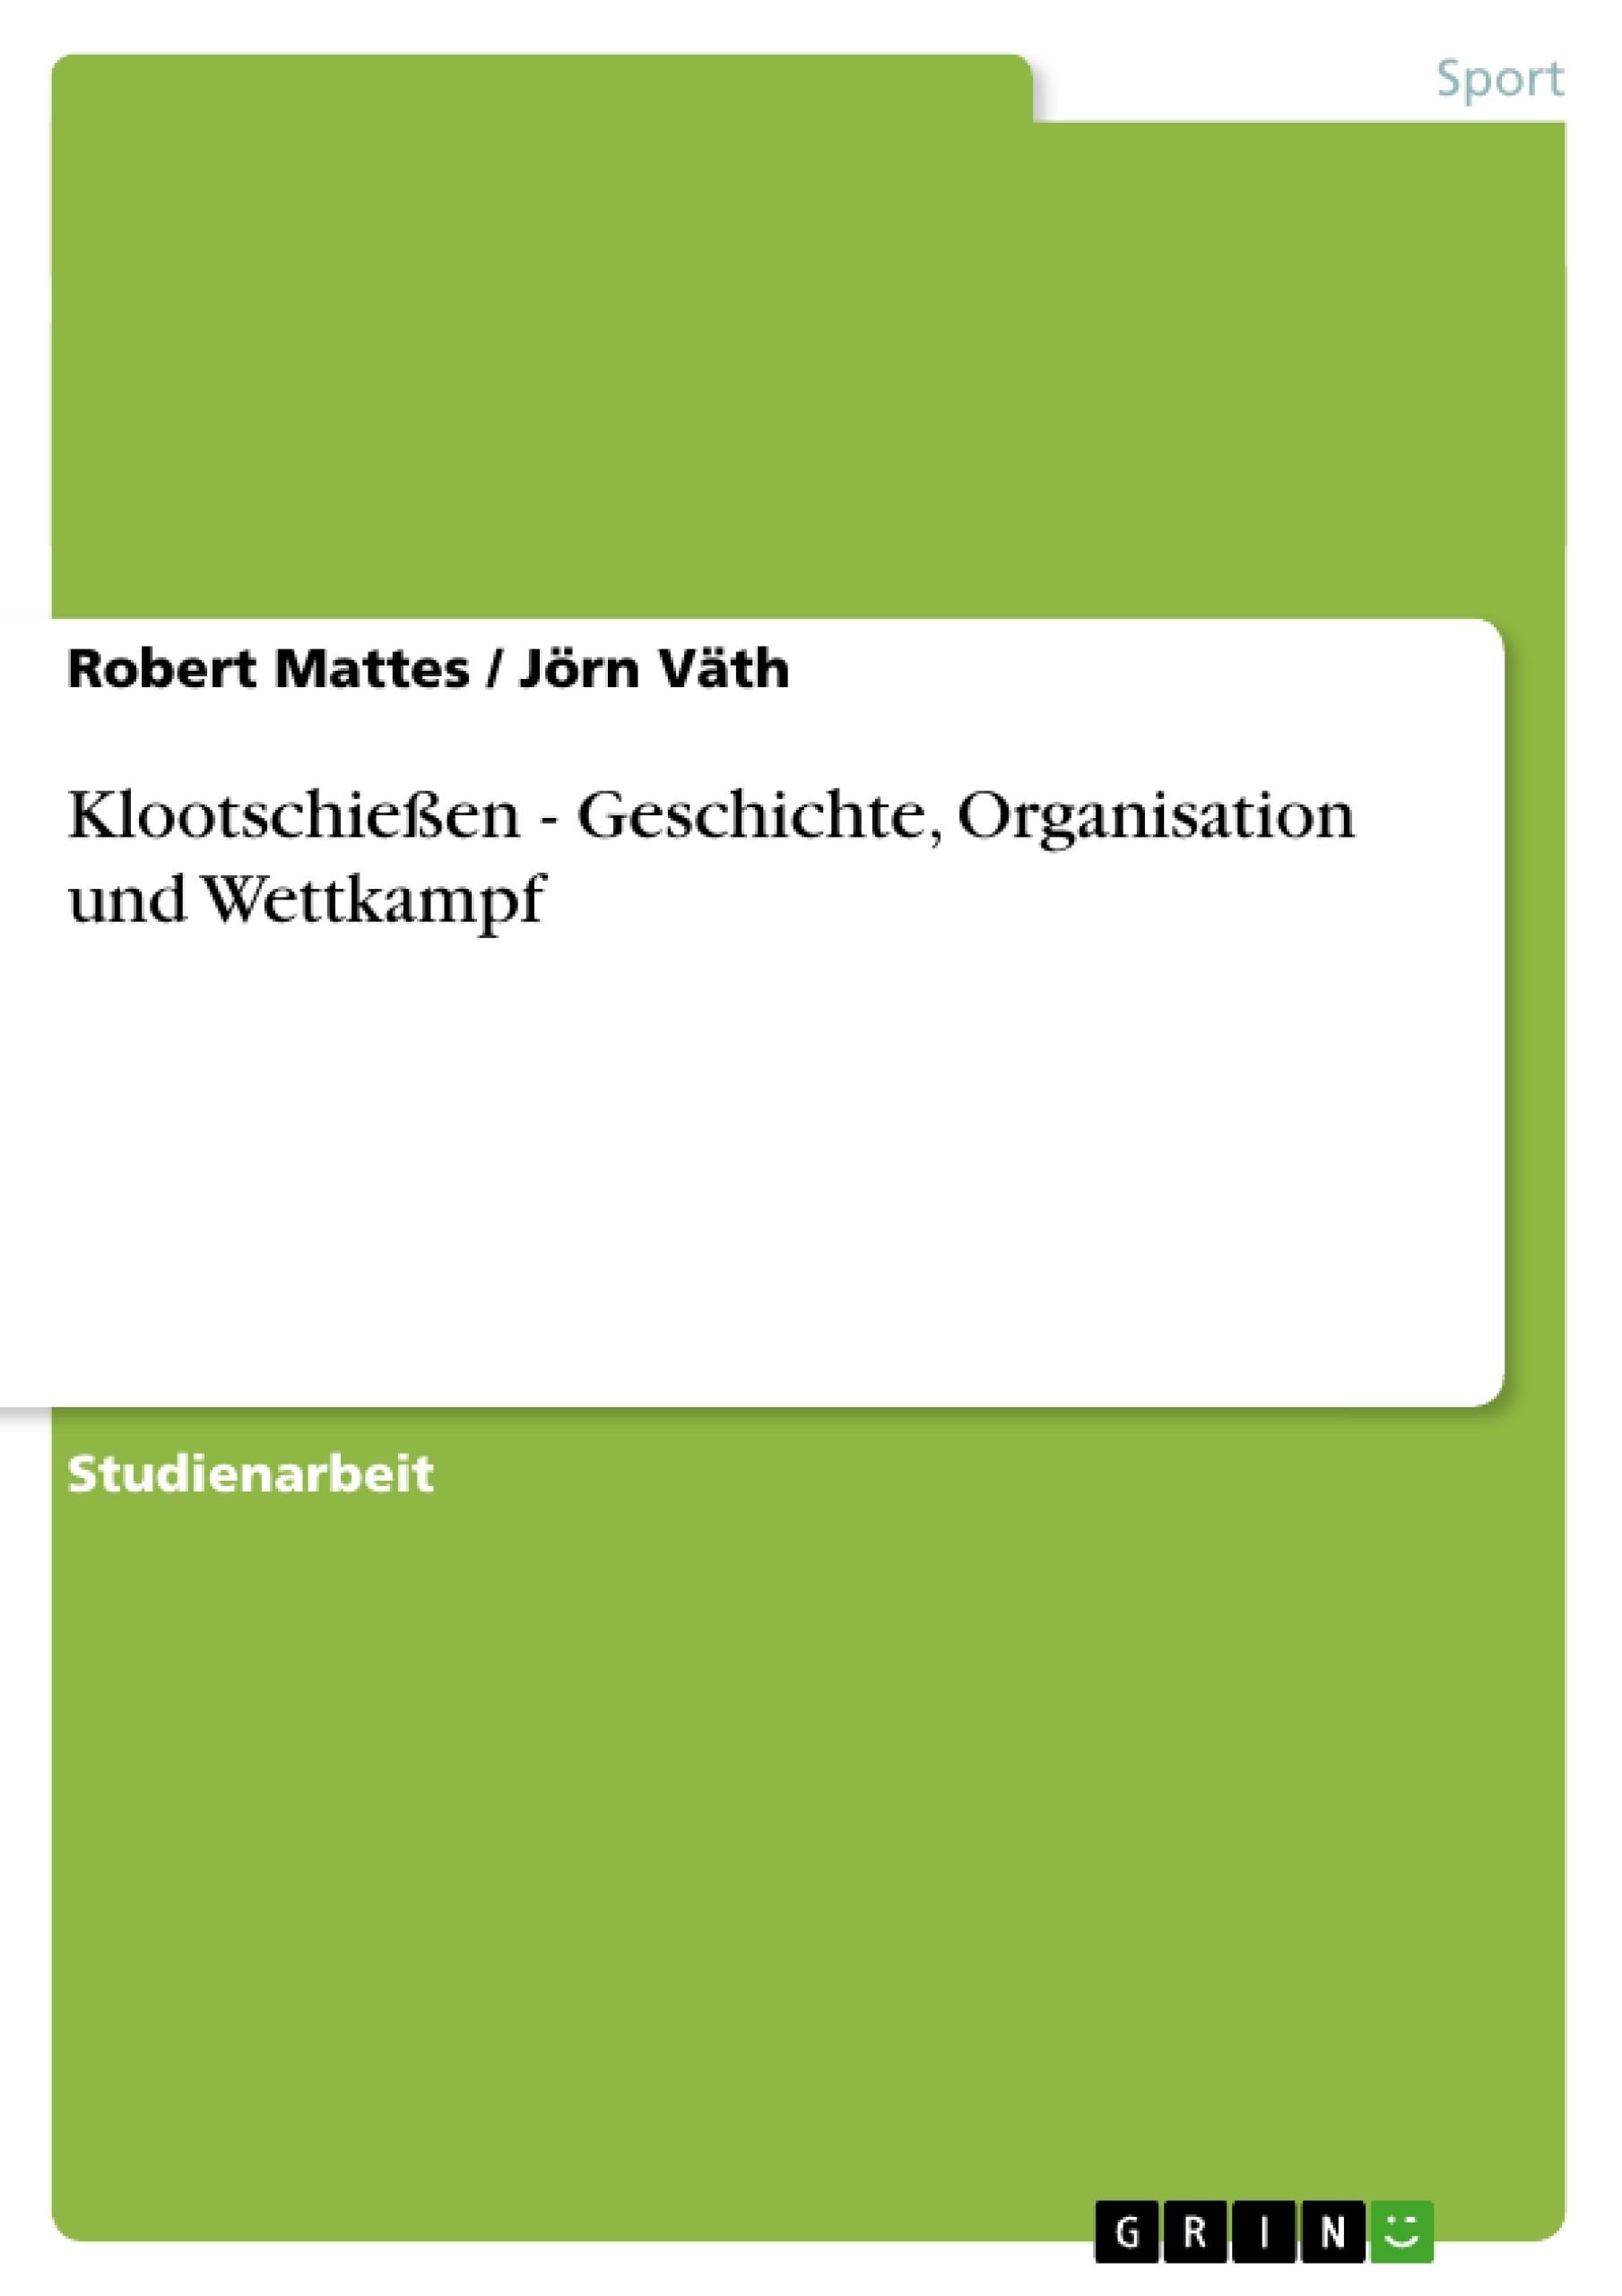 Titel: Klootschießen - Geschichte, Organisation und Wettkampf